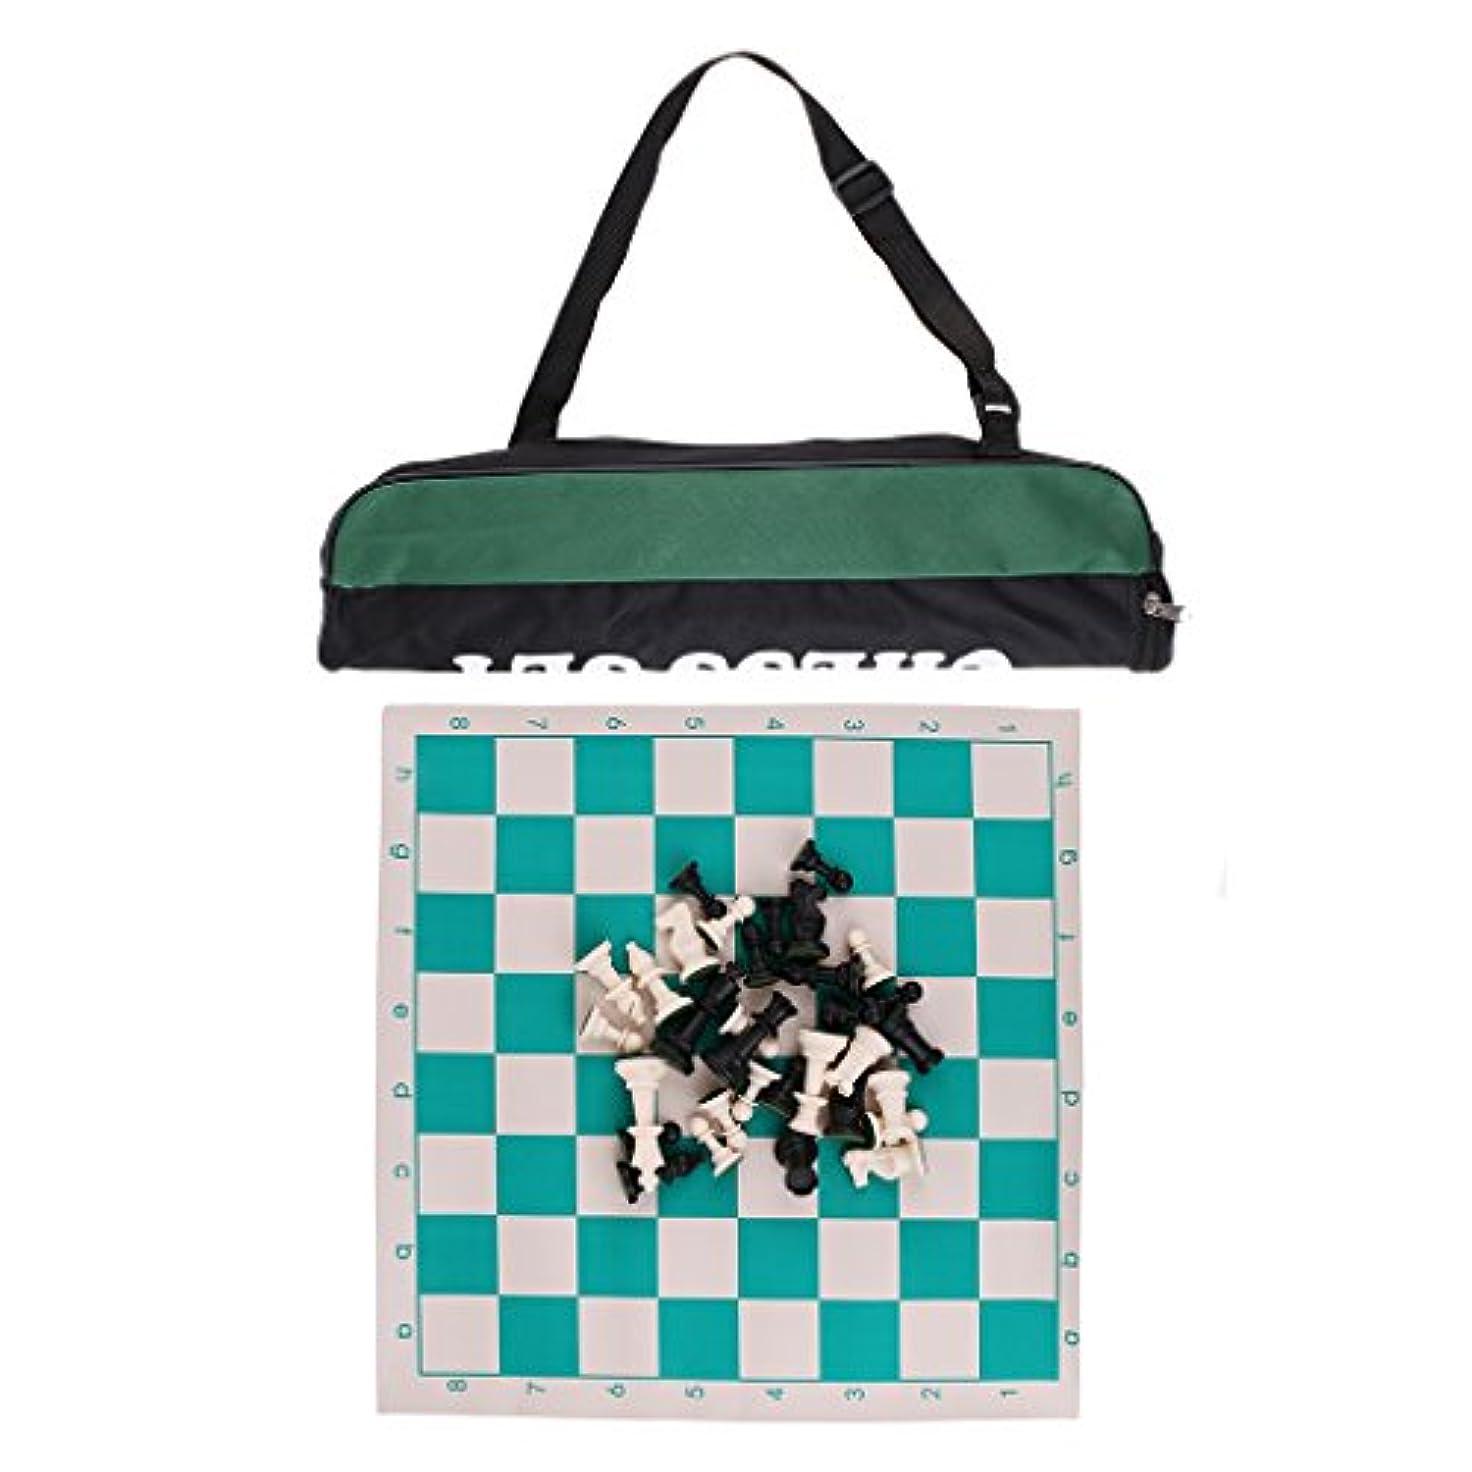 プレゼン現代お気に入りBaoblaze 国際チェスゲーム チェス盤 チェスマン 楽しいゲーム